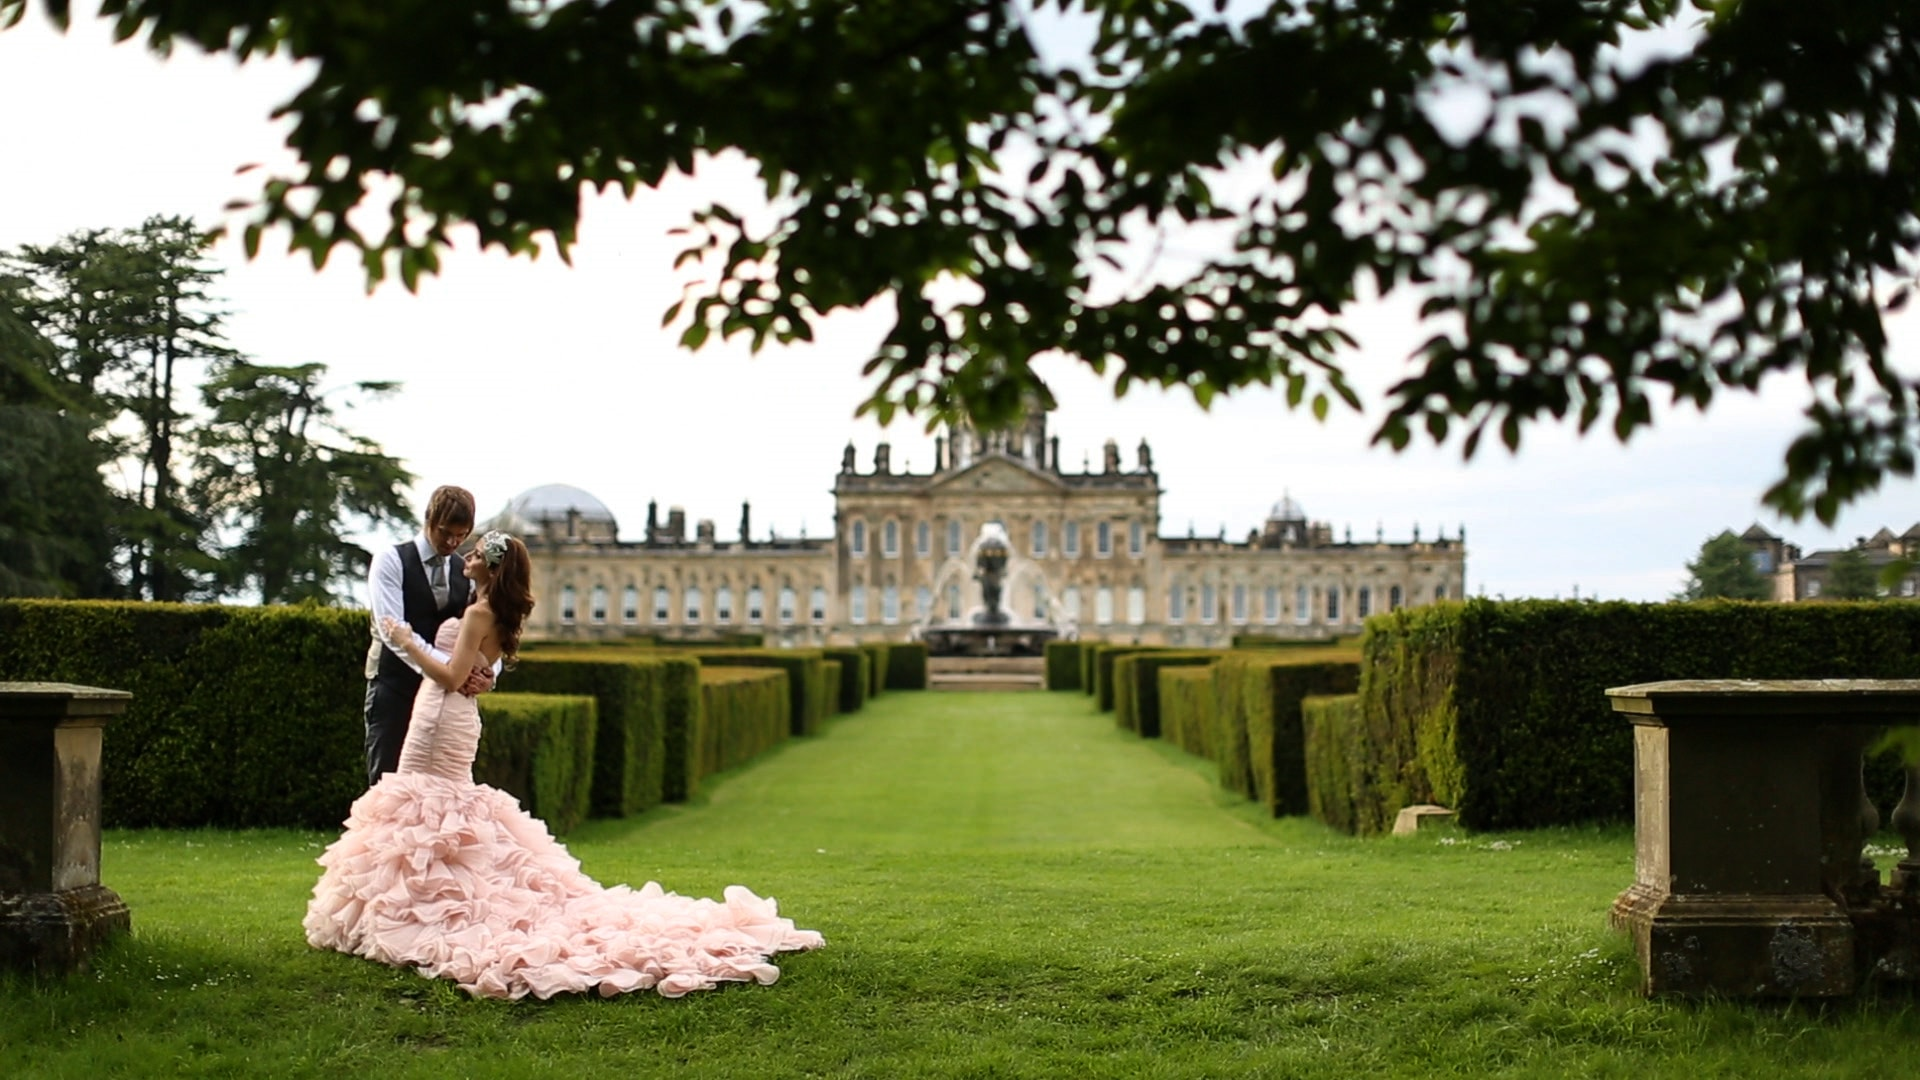 Casar em um castelo na Europa pode ser mais barato do que você imagina